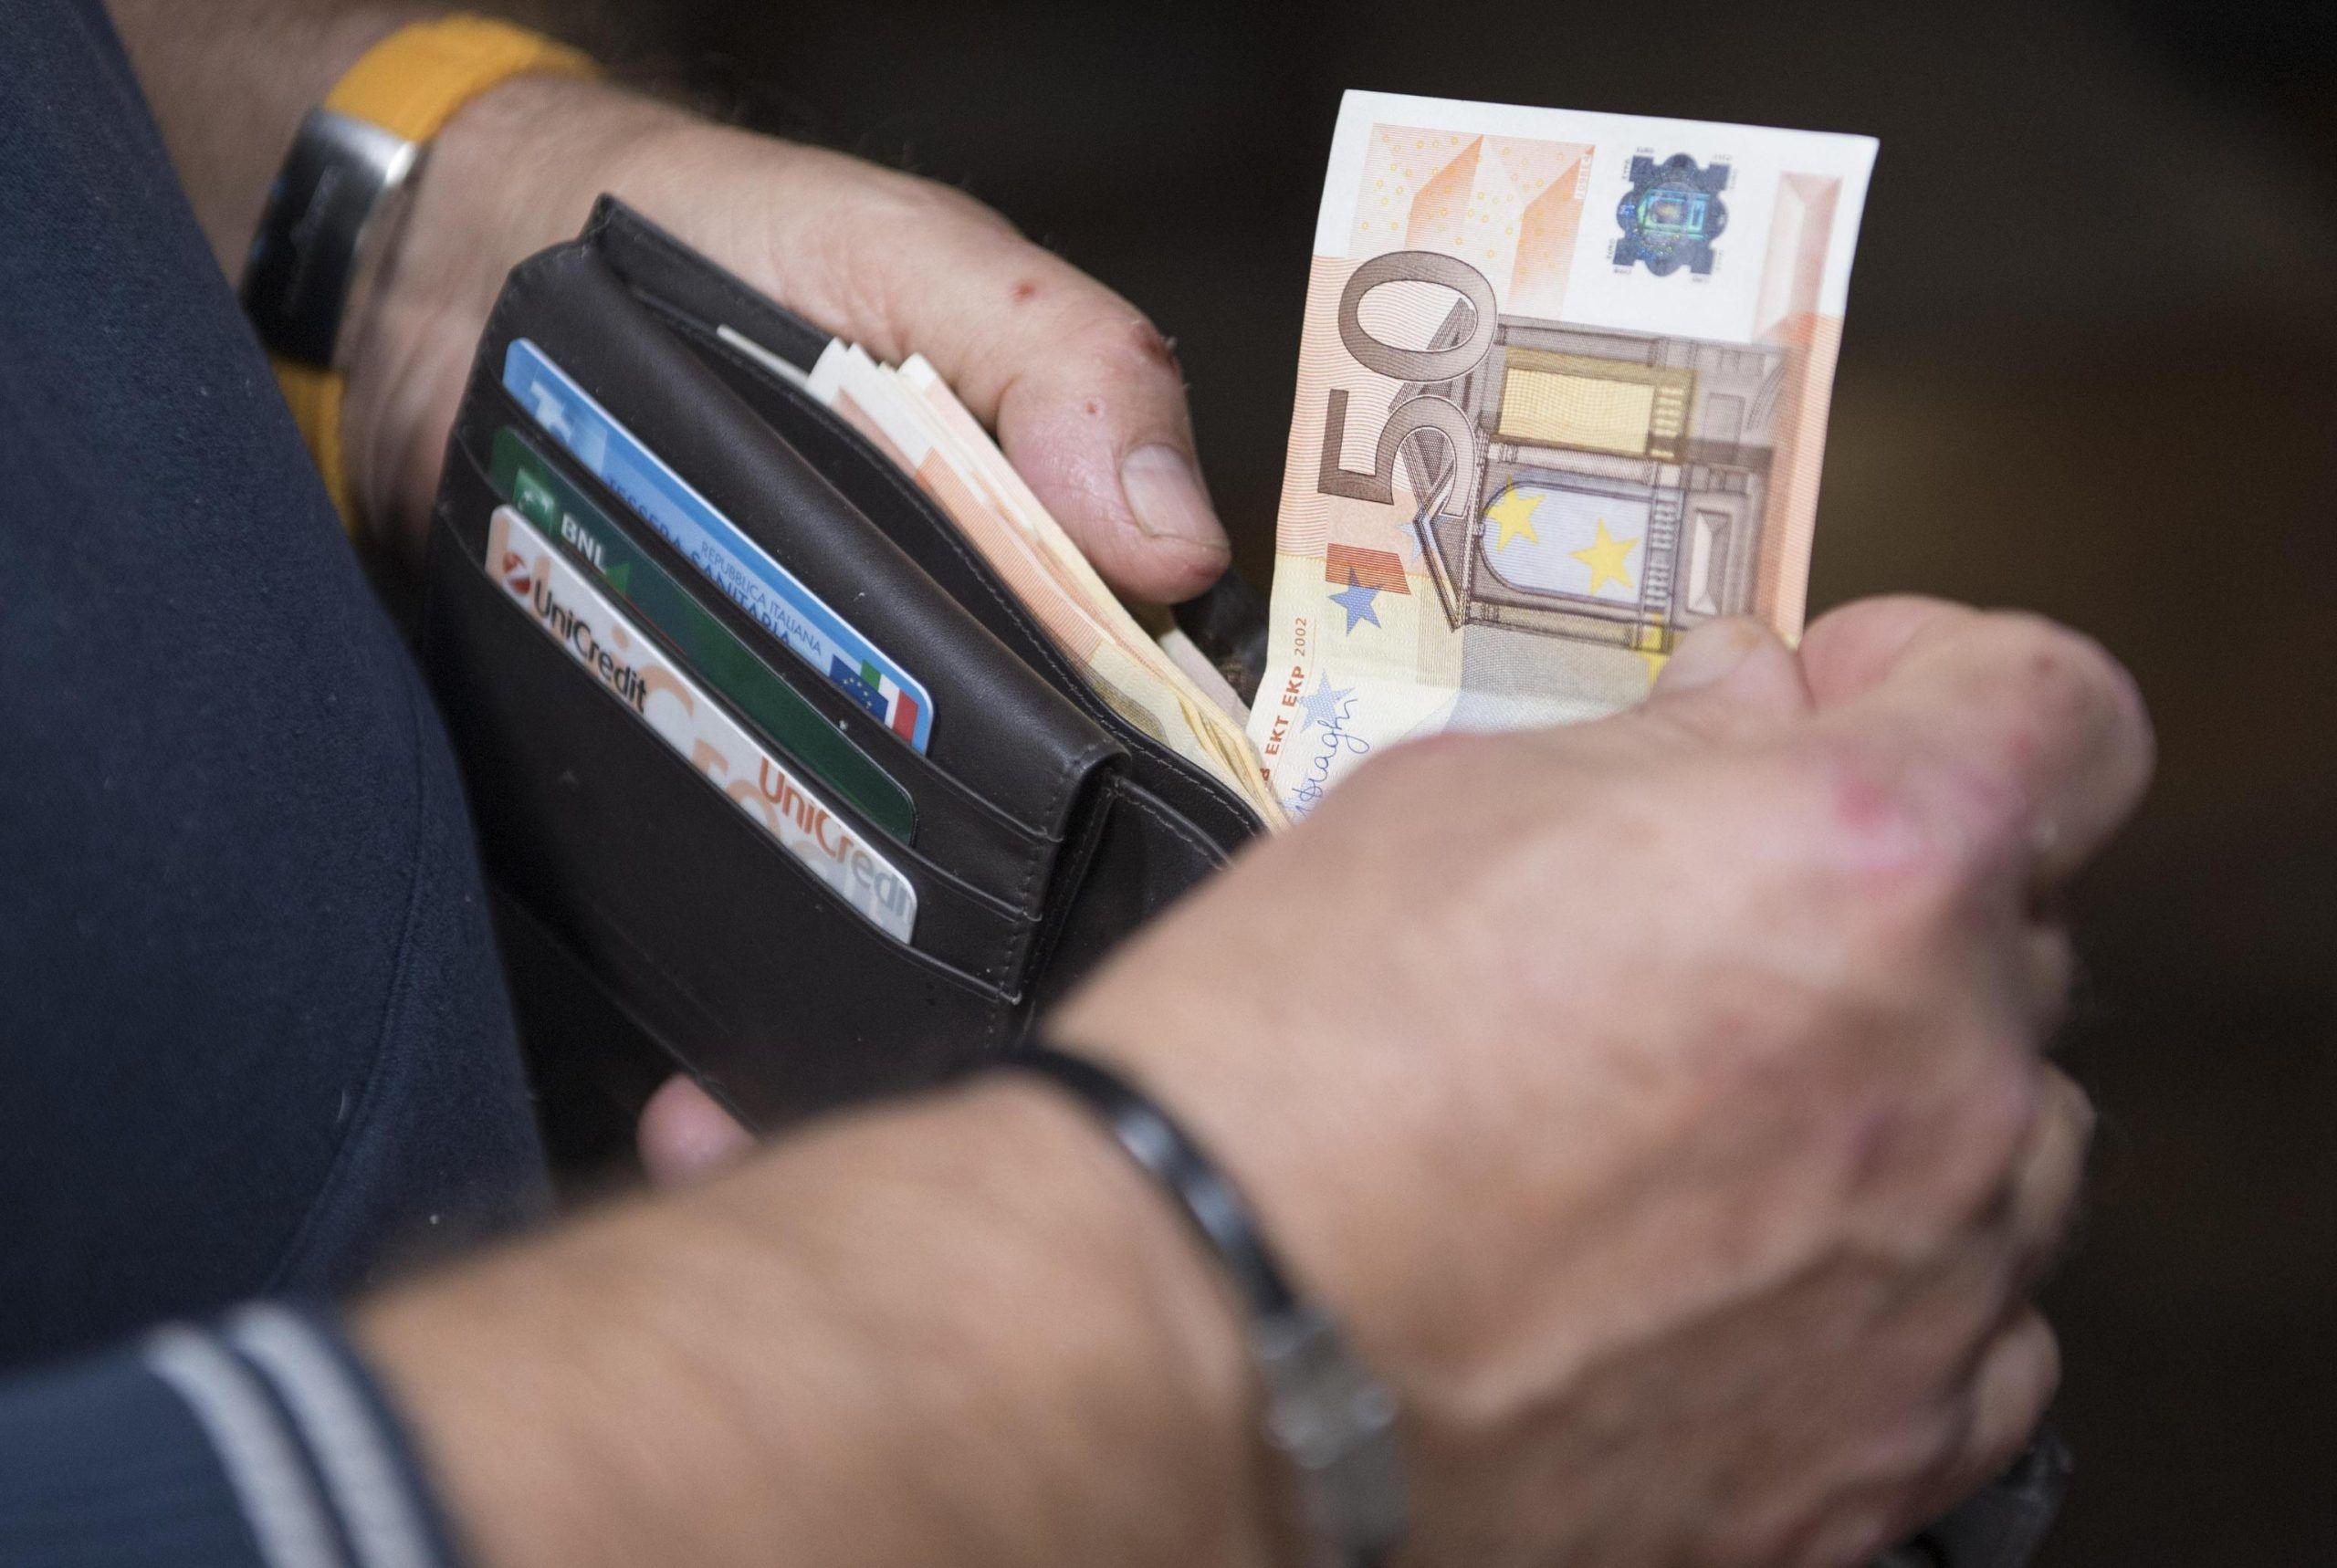 Bonifico veloce: novità con i pagamenti istantanei, bastano 10 secondi